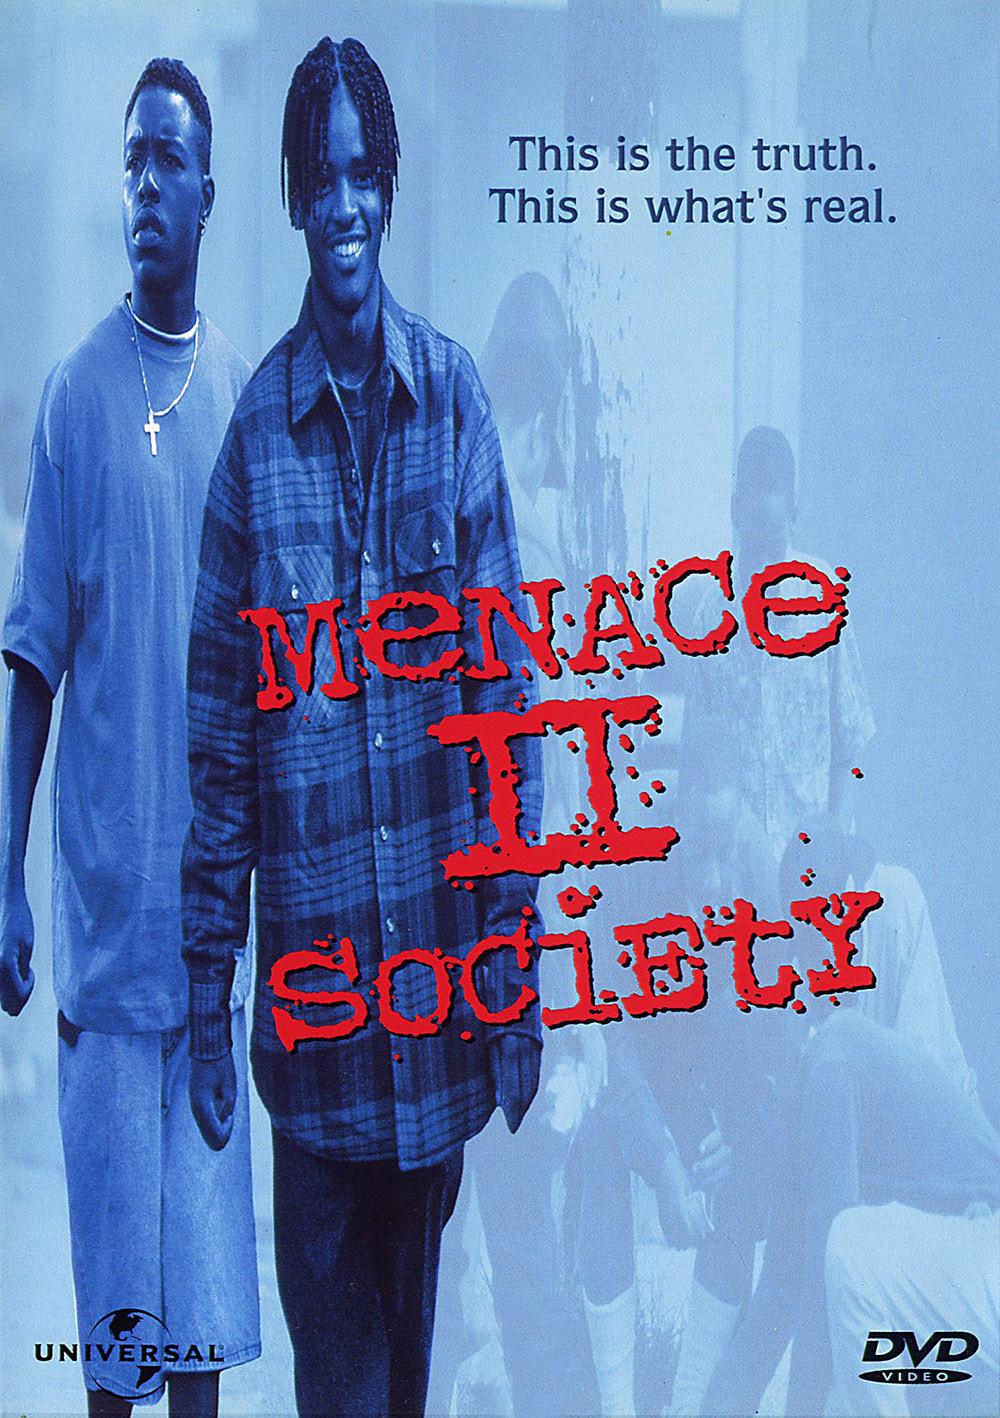 Menace 2 Society Quotes. QuotesGram